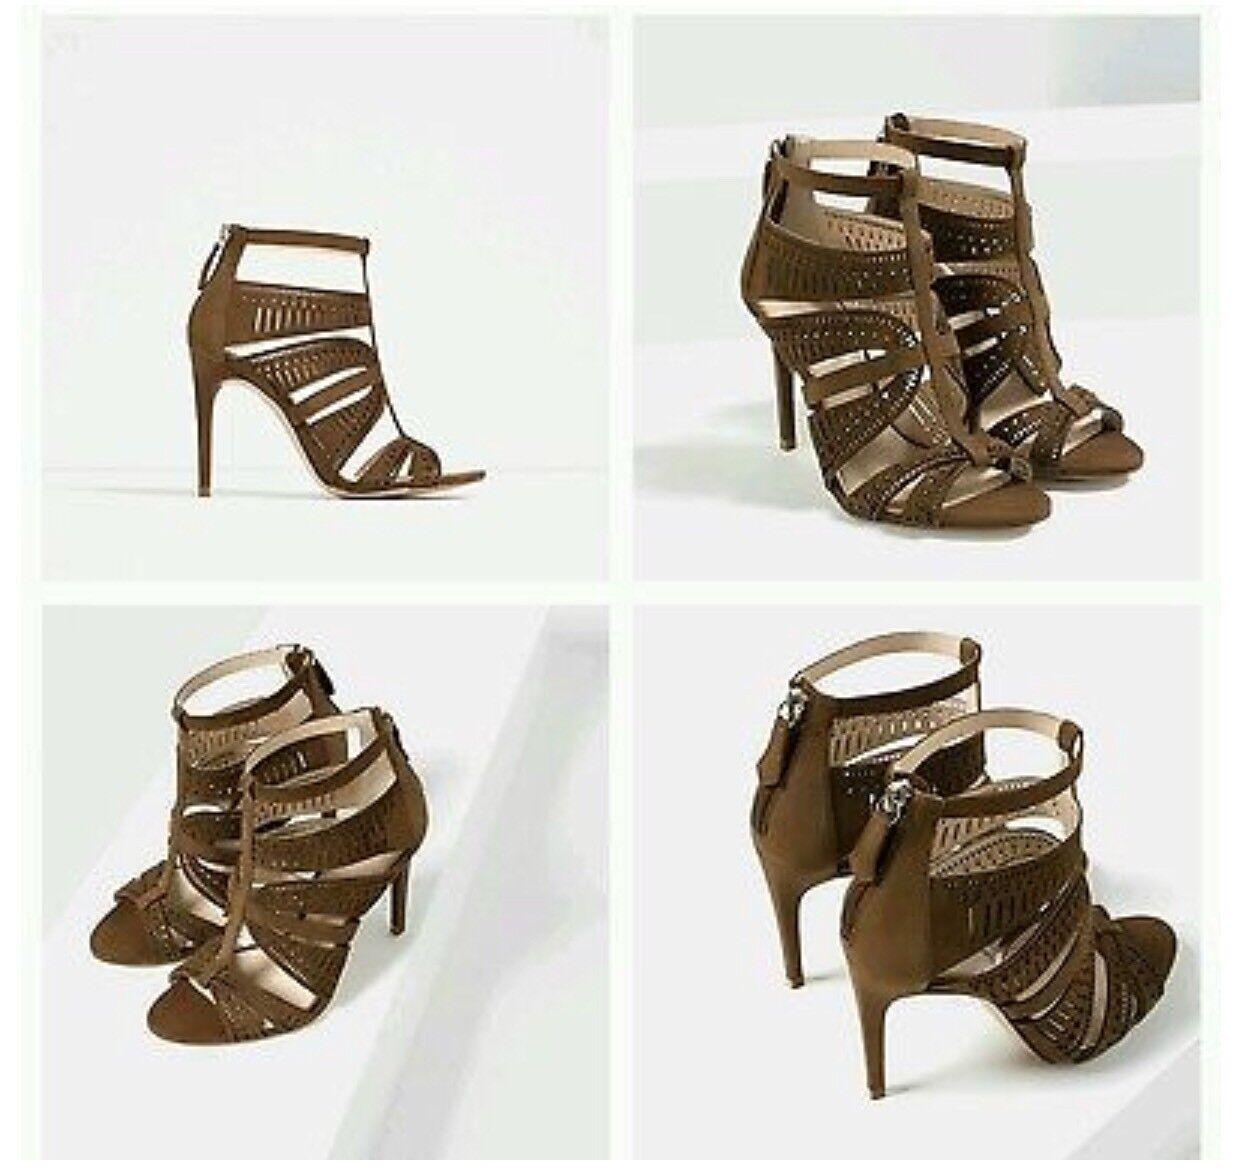 Zara Leather High Heels Größe Größe Größe 6.5 97a660